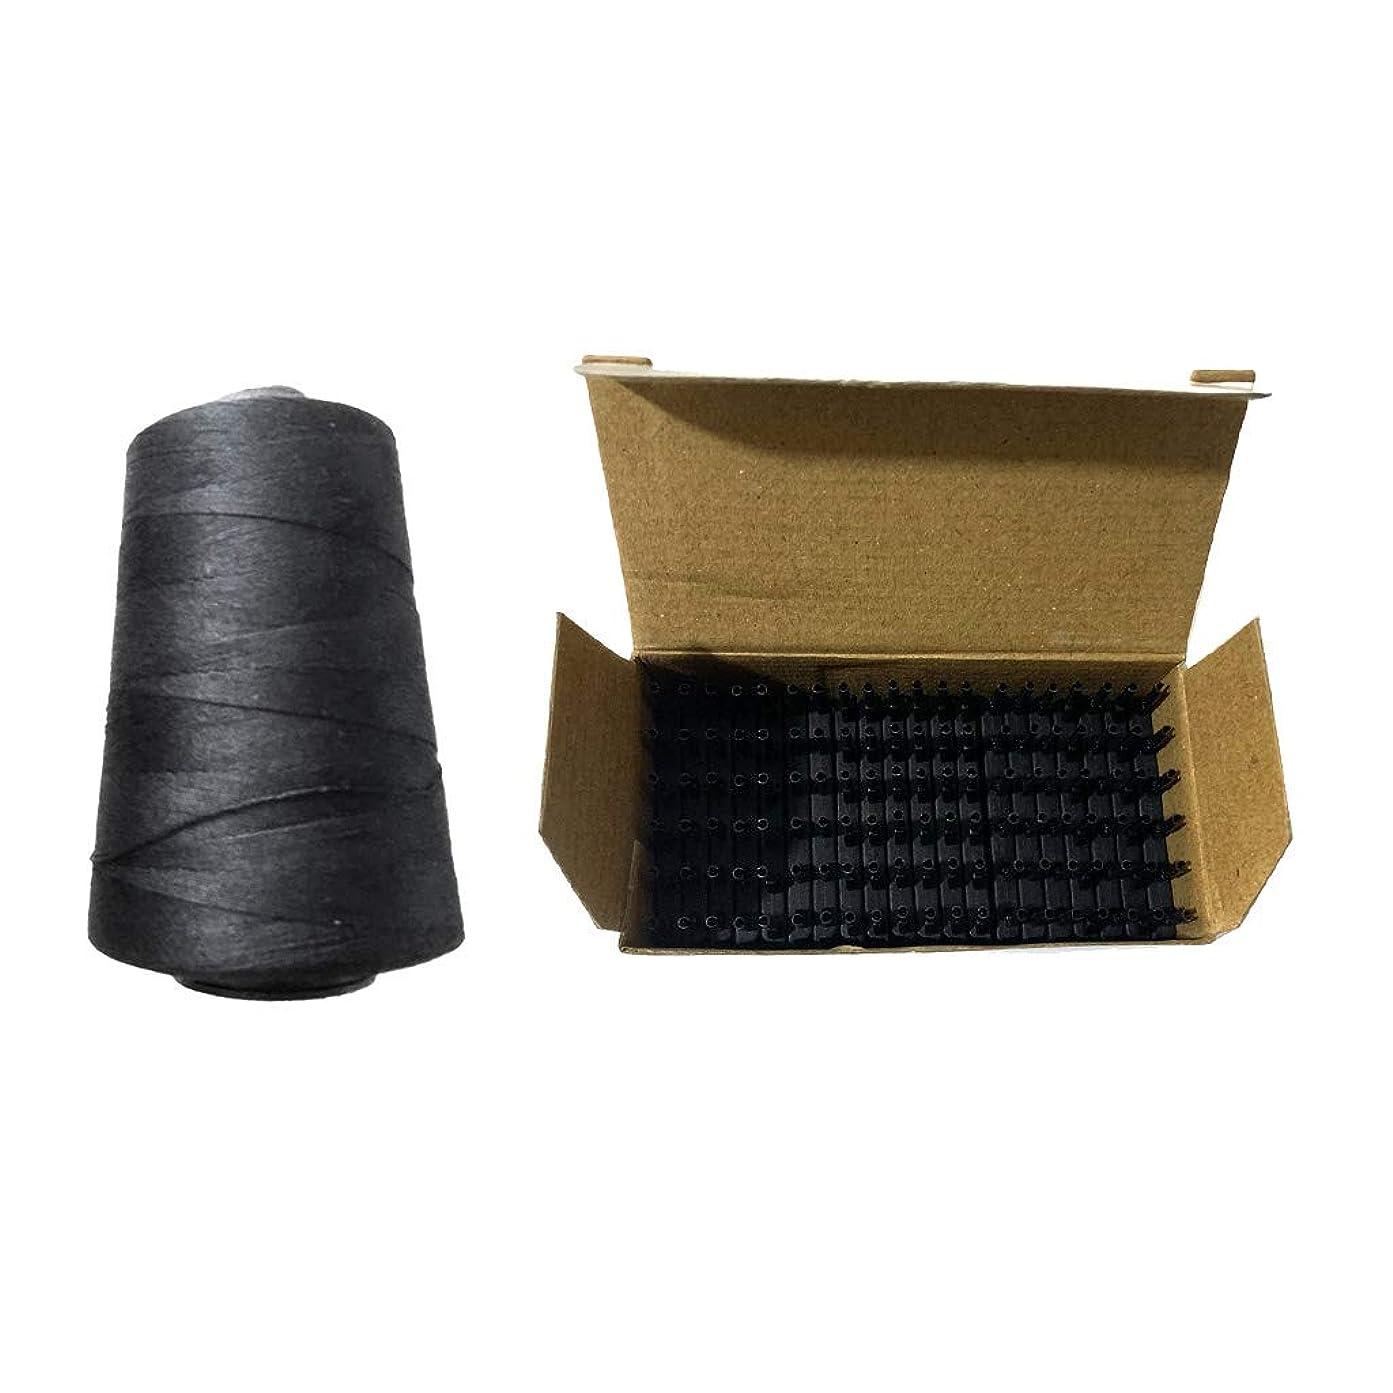 人口ワゴン弁護gazechimp 編む糸 かつらスレッド ヘアエクステンション バックル クリップ